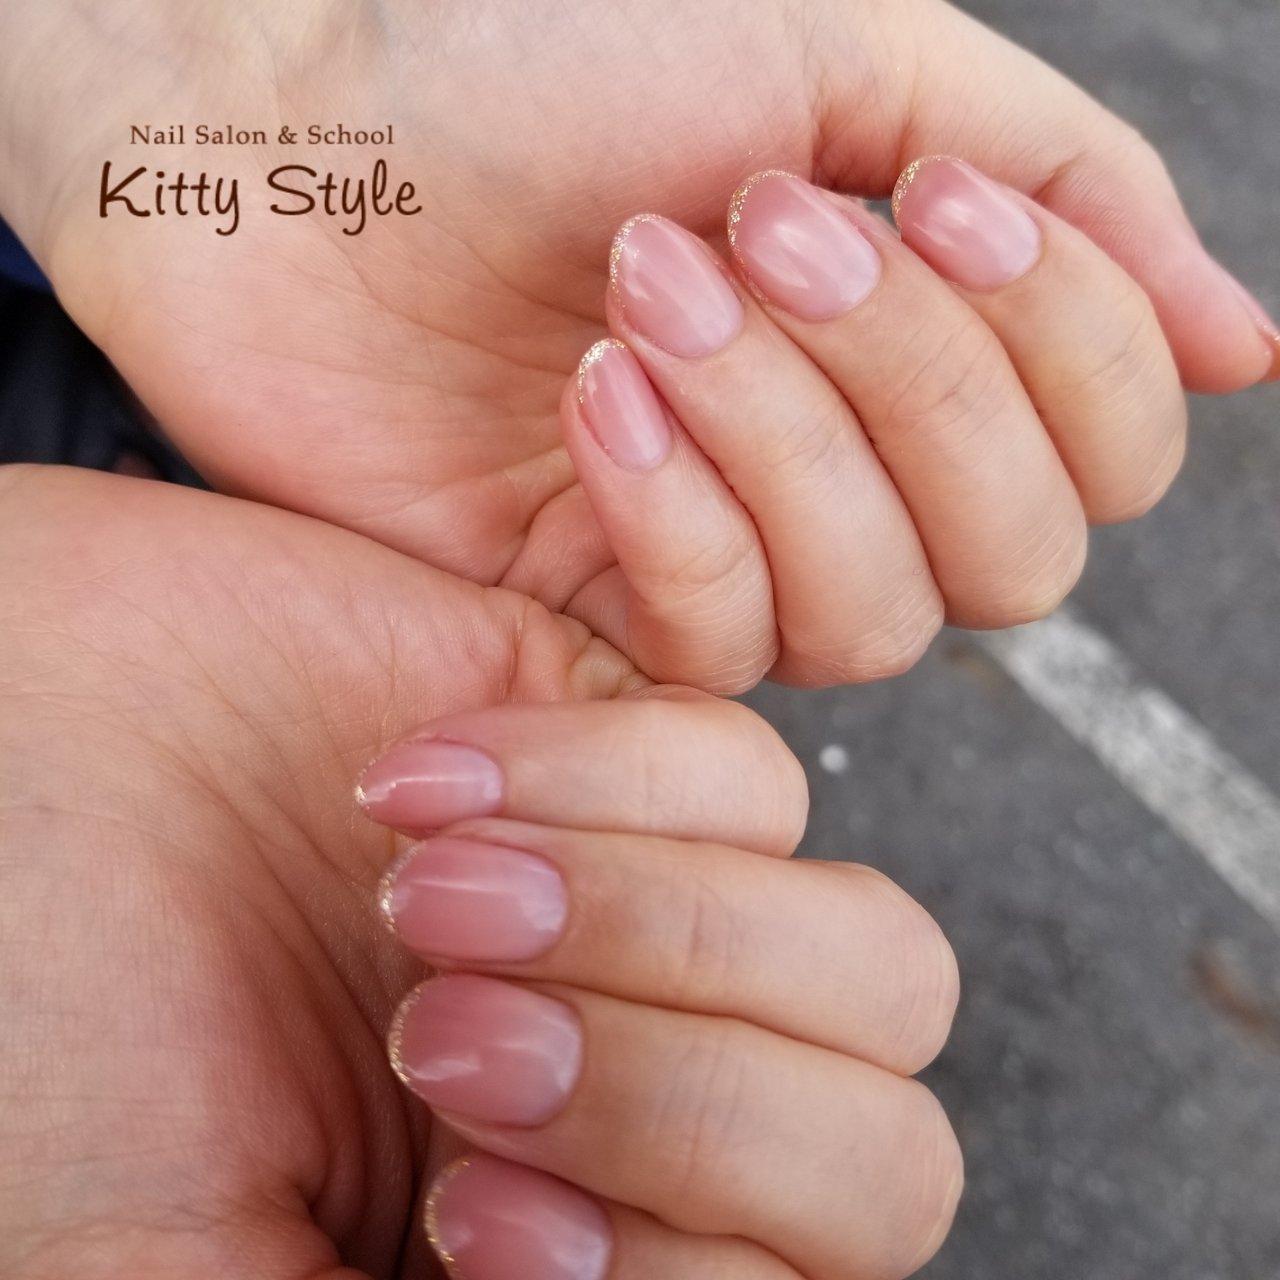 #ピンクネイル #ハンド #ピンク #kittystyle #ネイルブック